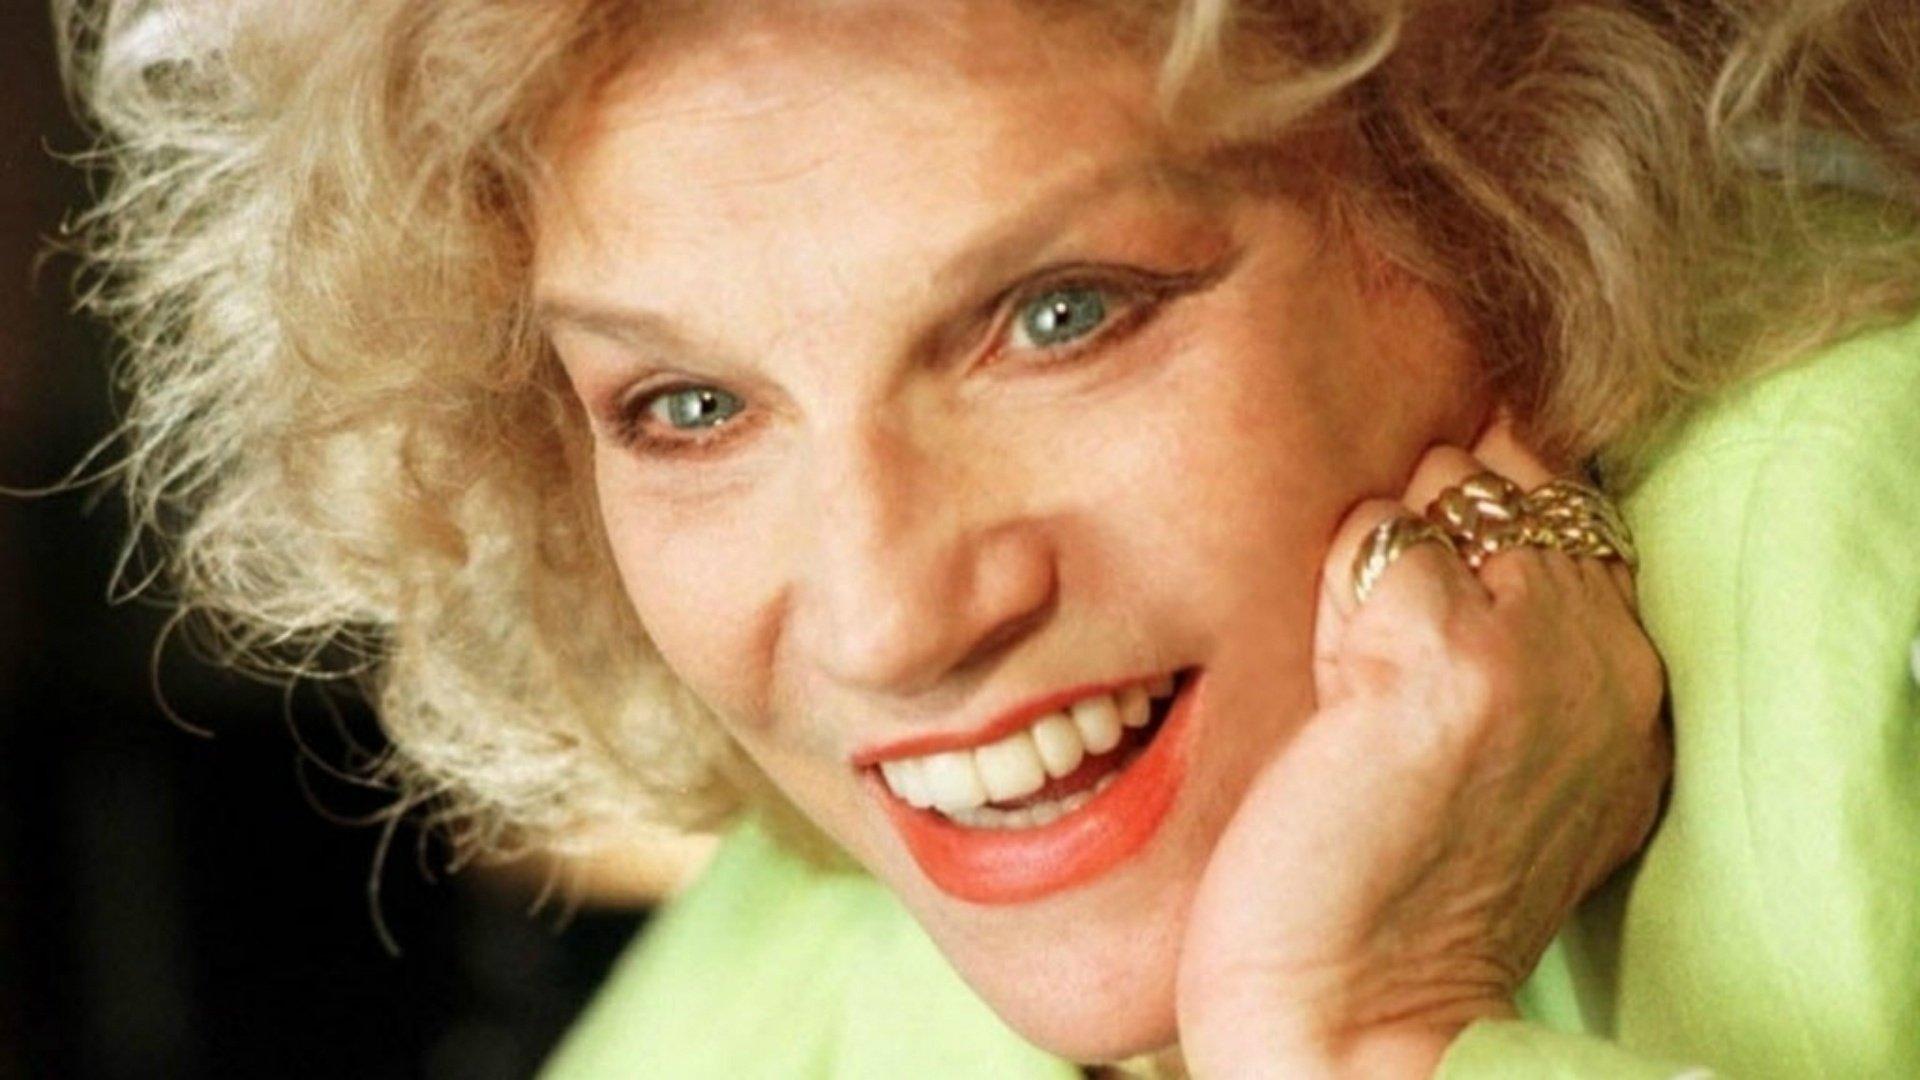 a atriz tonia carrero 1475952046225 1920x1080 - Atriz Tonia Carrero morre aos 95 anos no Rio